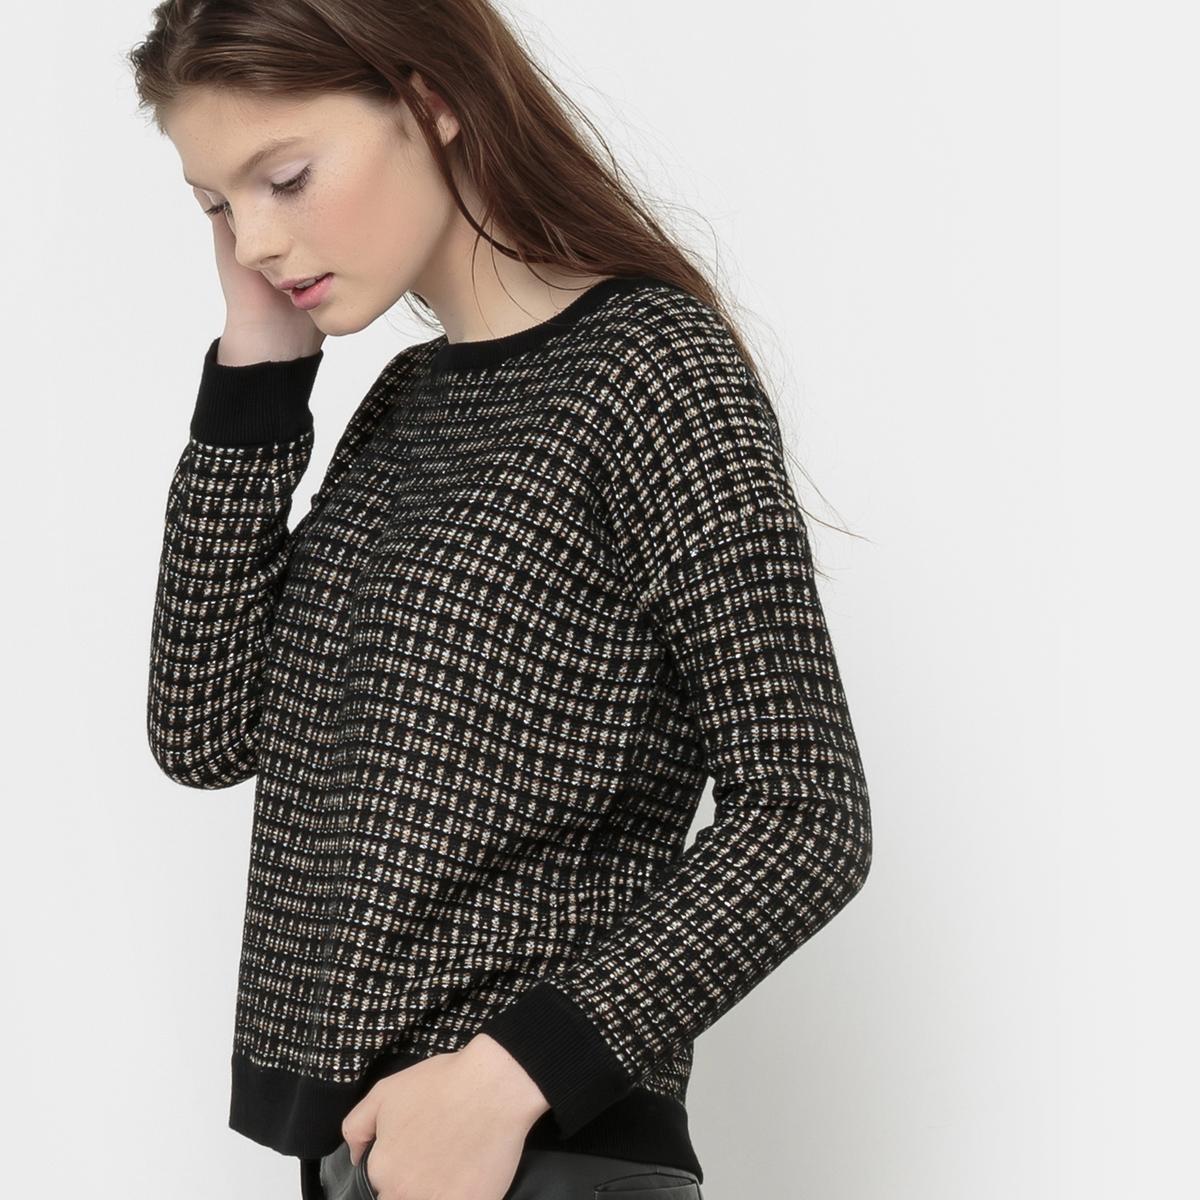 Пуловер с круглым вырезом и волокнами с металлическим блеском MISTIC MISTICСостав и описаниеМарка : KARL MARC JOHNМатериал : 82% вискозы, 15% акрила, 3% волокон с металлическим блеском<br><br>Цвет: черный<br>Размер: M